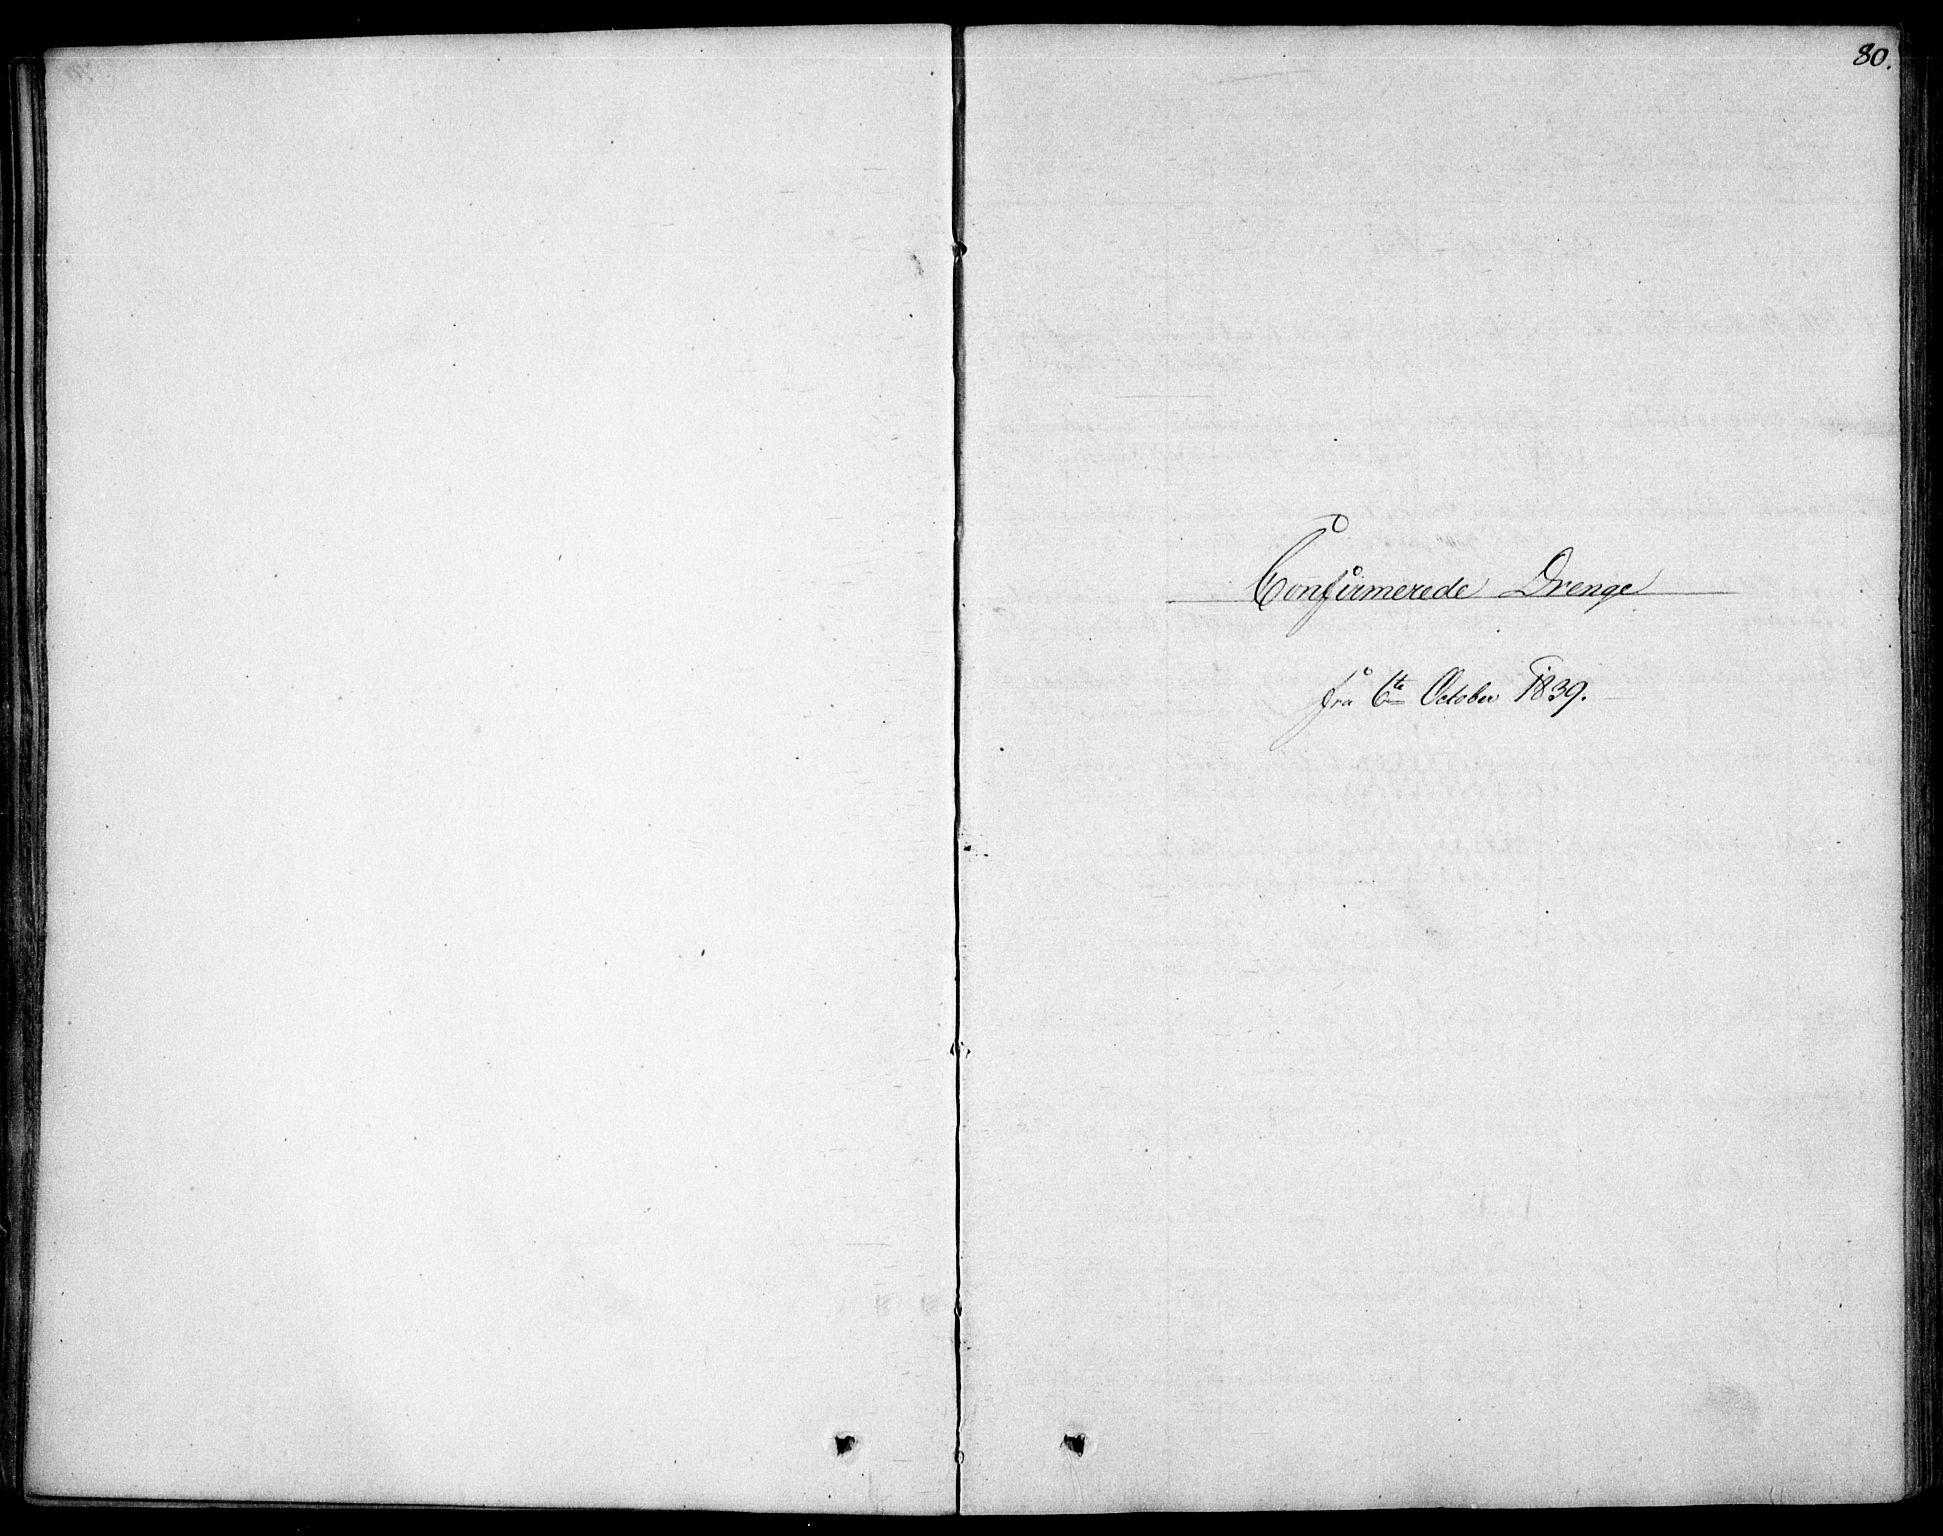 SAO, Garnisonsmenigheten Kirkebøker, F/Fa/L0007: Ministerialbok nr. 7, 1828-1881, s. 80